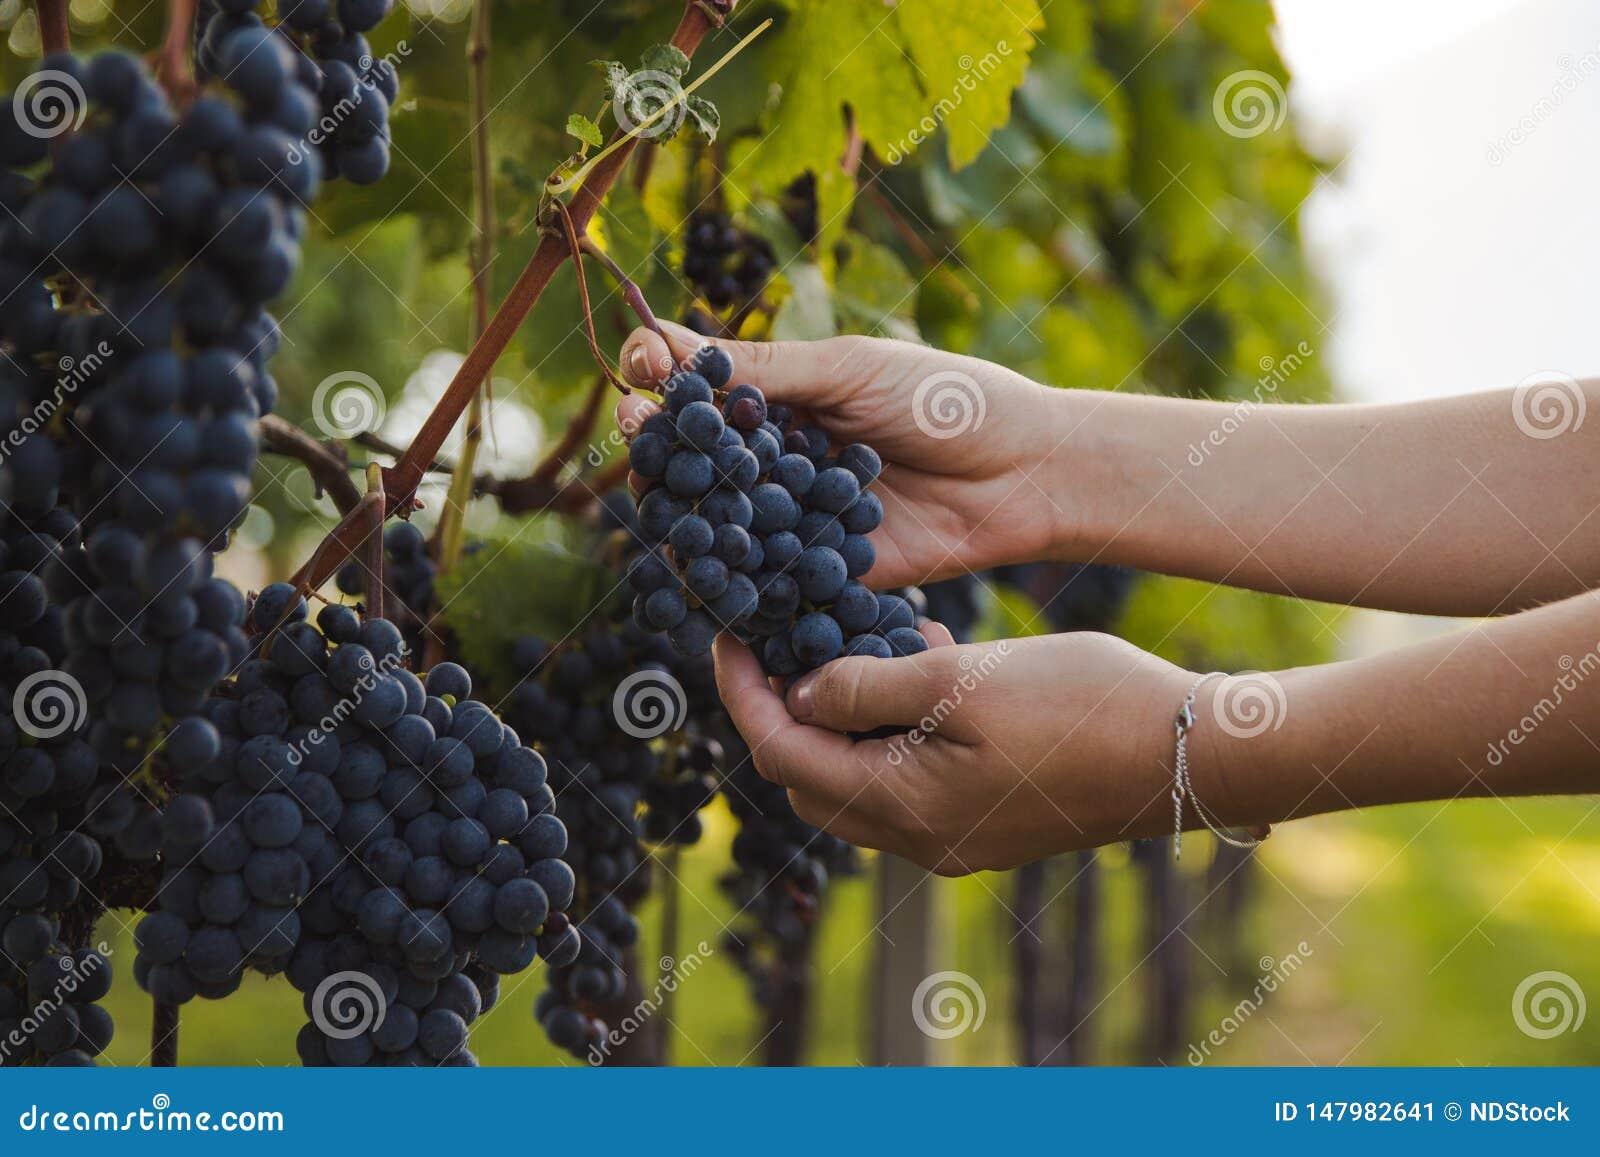 Рука молодой женщины касаясь виноградинам во время сбора в винограднике